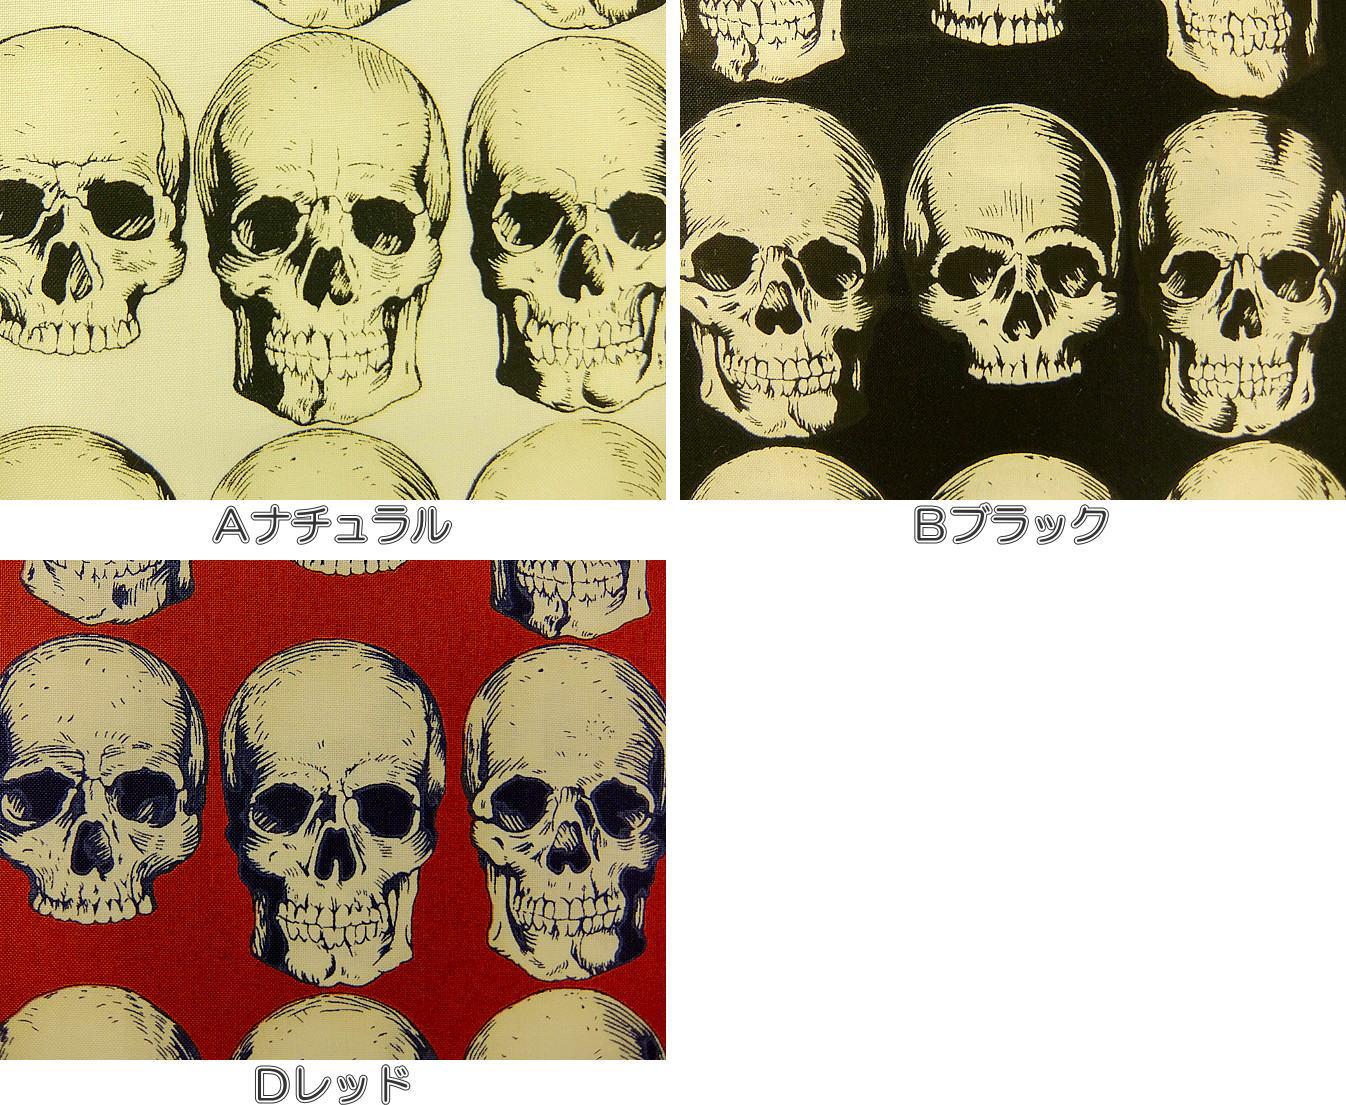 布美国棉花亚历山大 · 亨利织物 Rad 头骨 radiskull 8220 亚历山大 · 亨利面料骷髅头骨 10P05Dec15